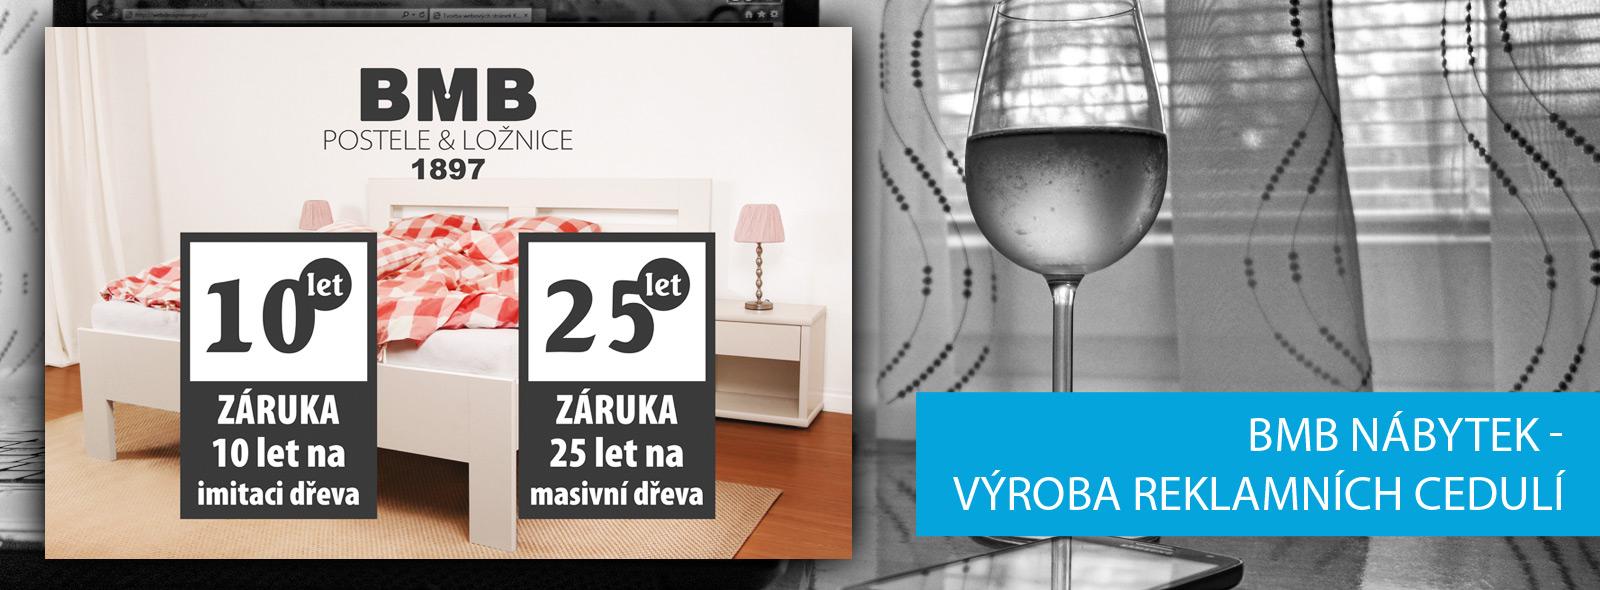 BMB nábytek - výroba reklamních cedulí